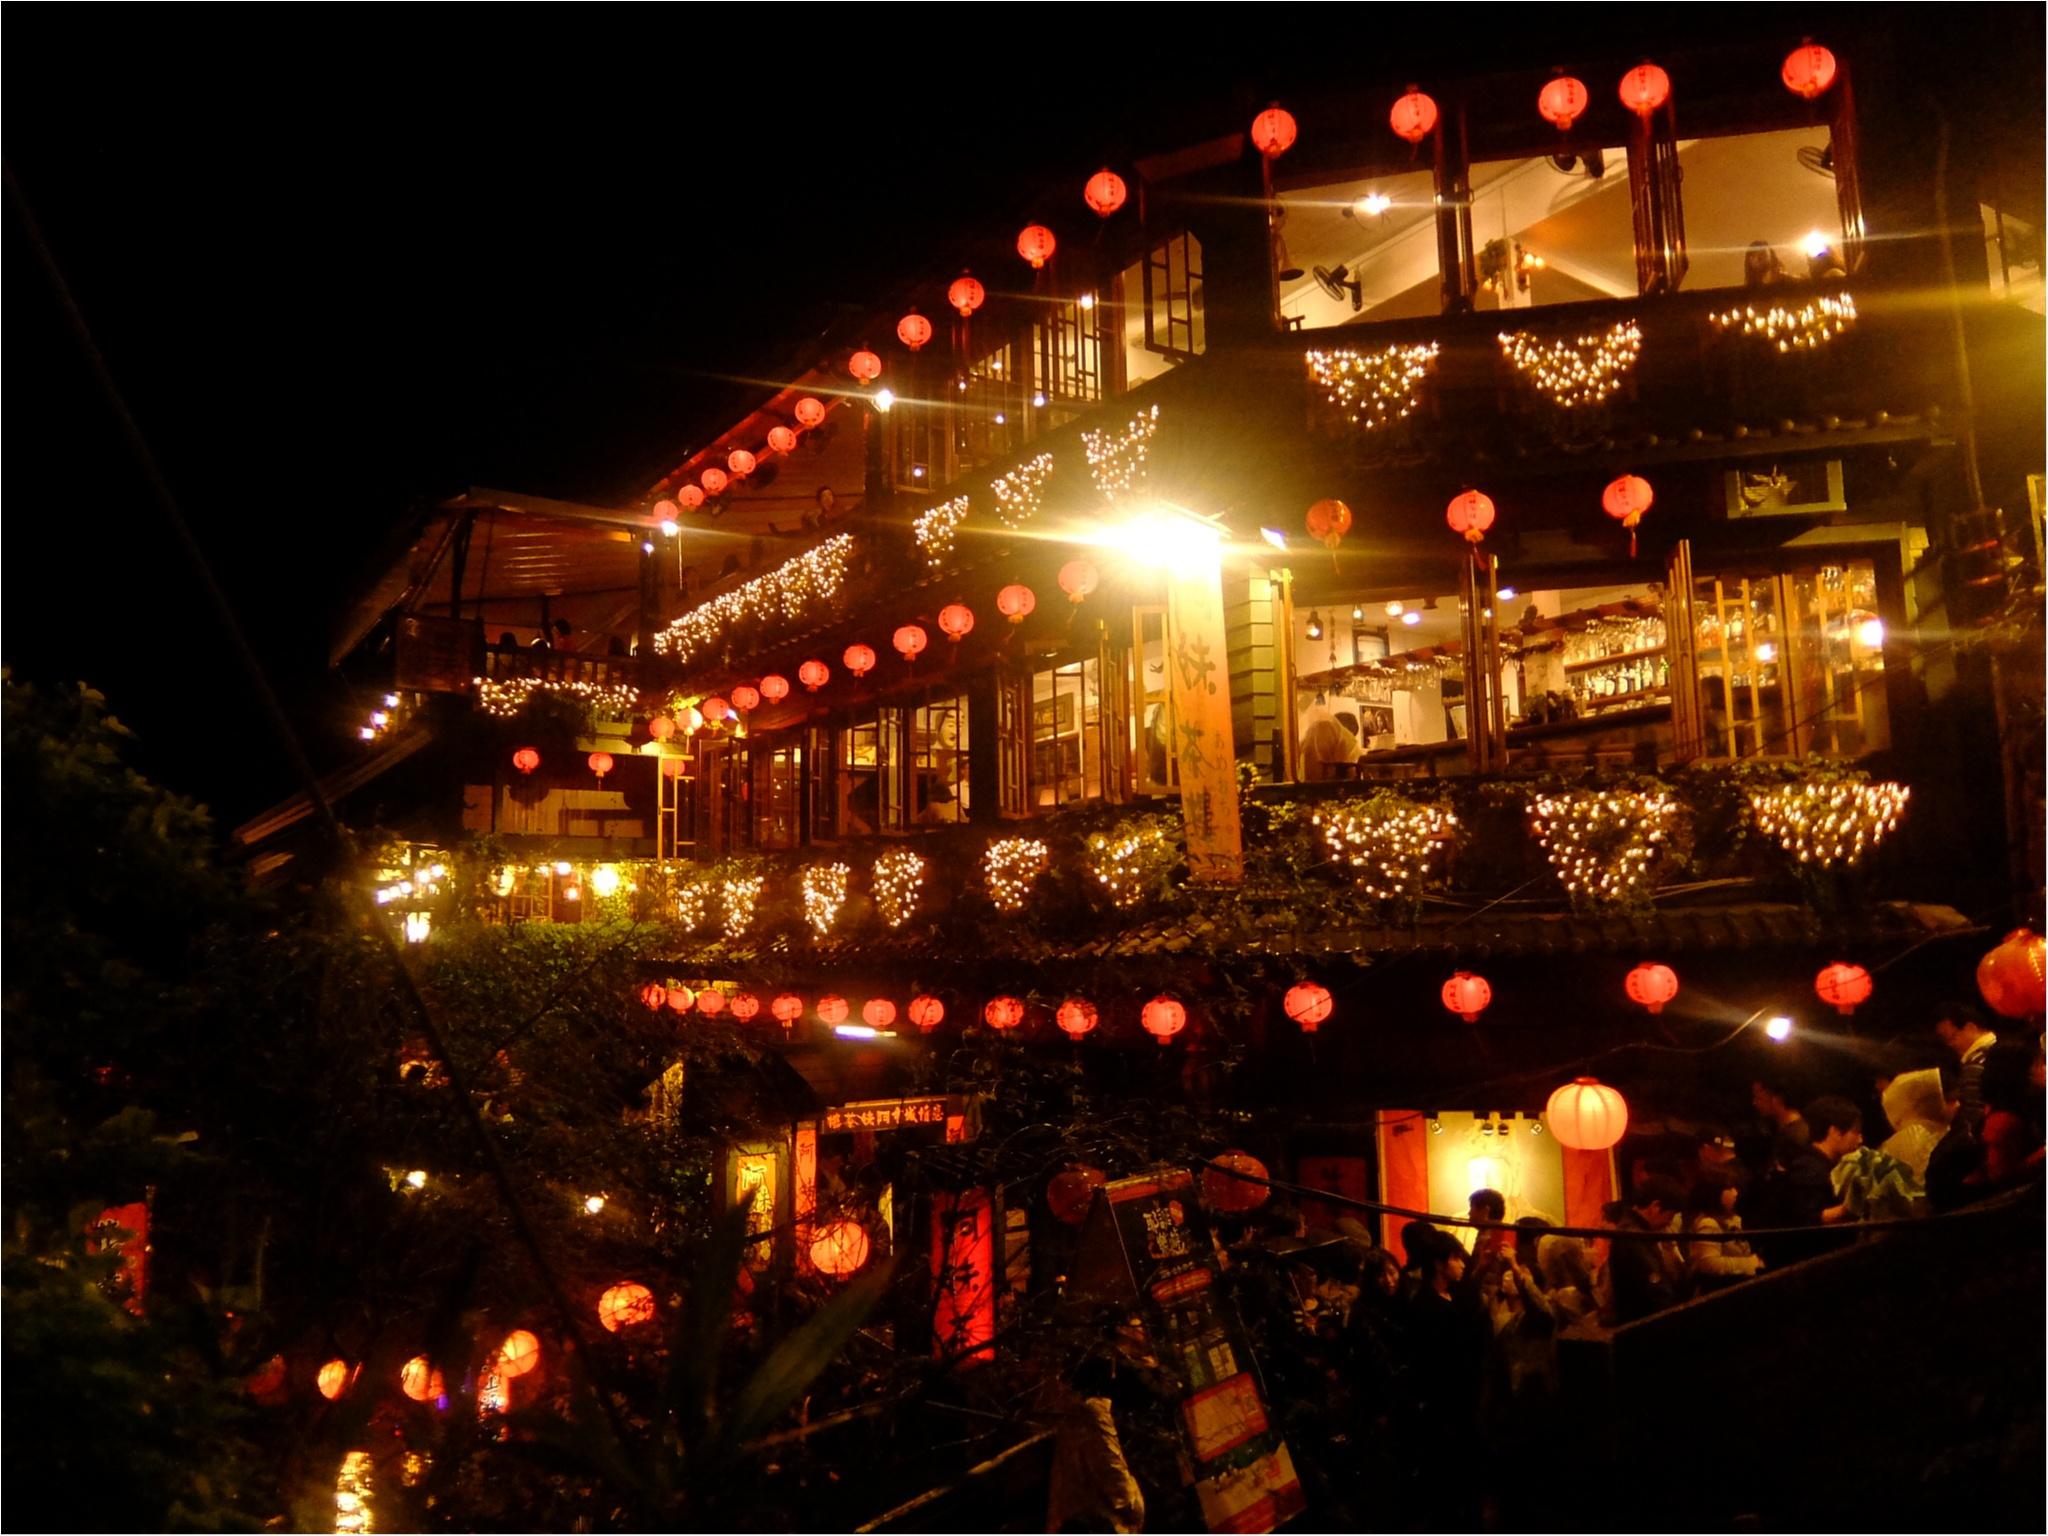 年越しは《海外》で!【台湾】でおいしいグルメや幻想的な街並みを堪能♡_6